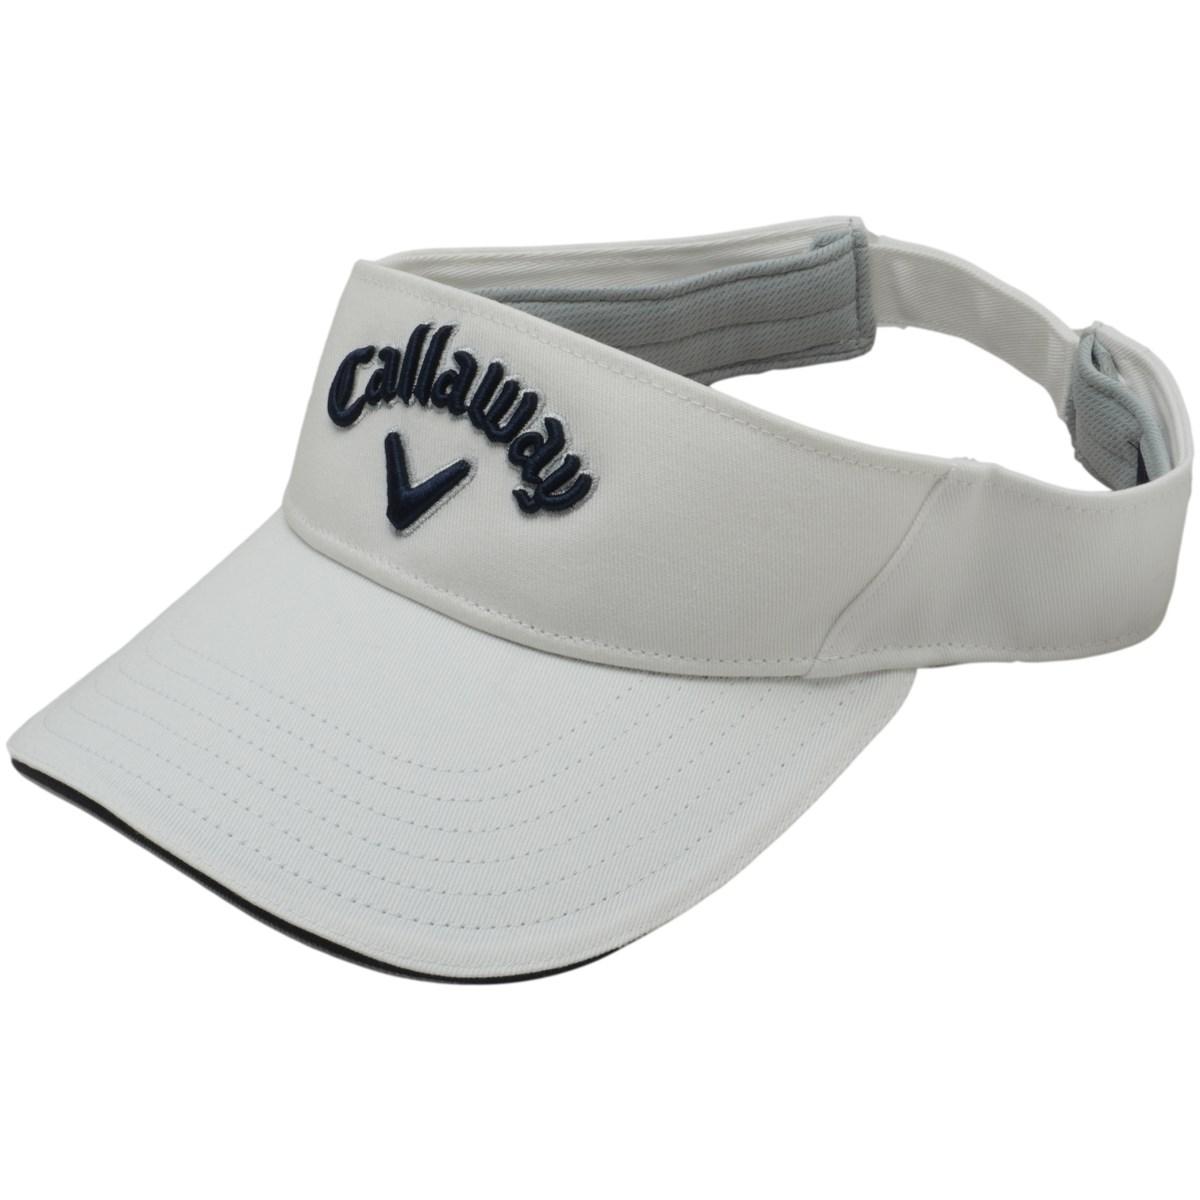 キャロウェイゴルフ Callaway Golf ベーシックサンバイザー フリー ホワイト/ネイビー 030 レディス